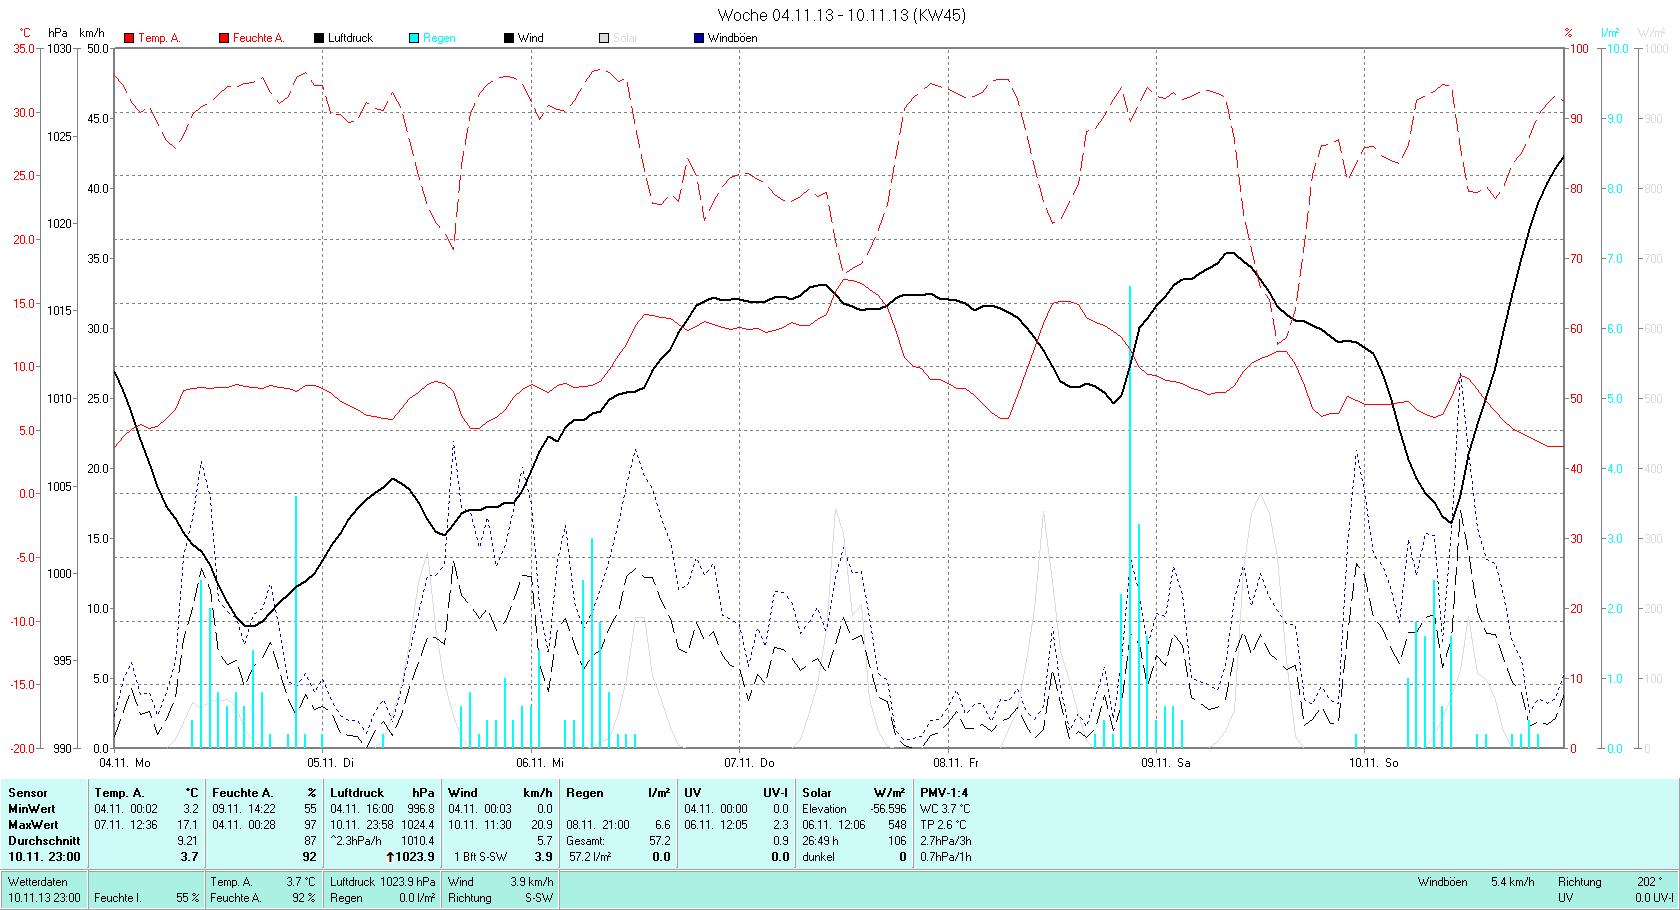 KW 45 Tmin  3.2°C, Tmax 17.1°C, Sonne 13:58h, Niederschlag 57.2mm/2